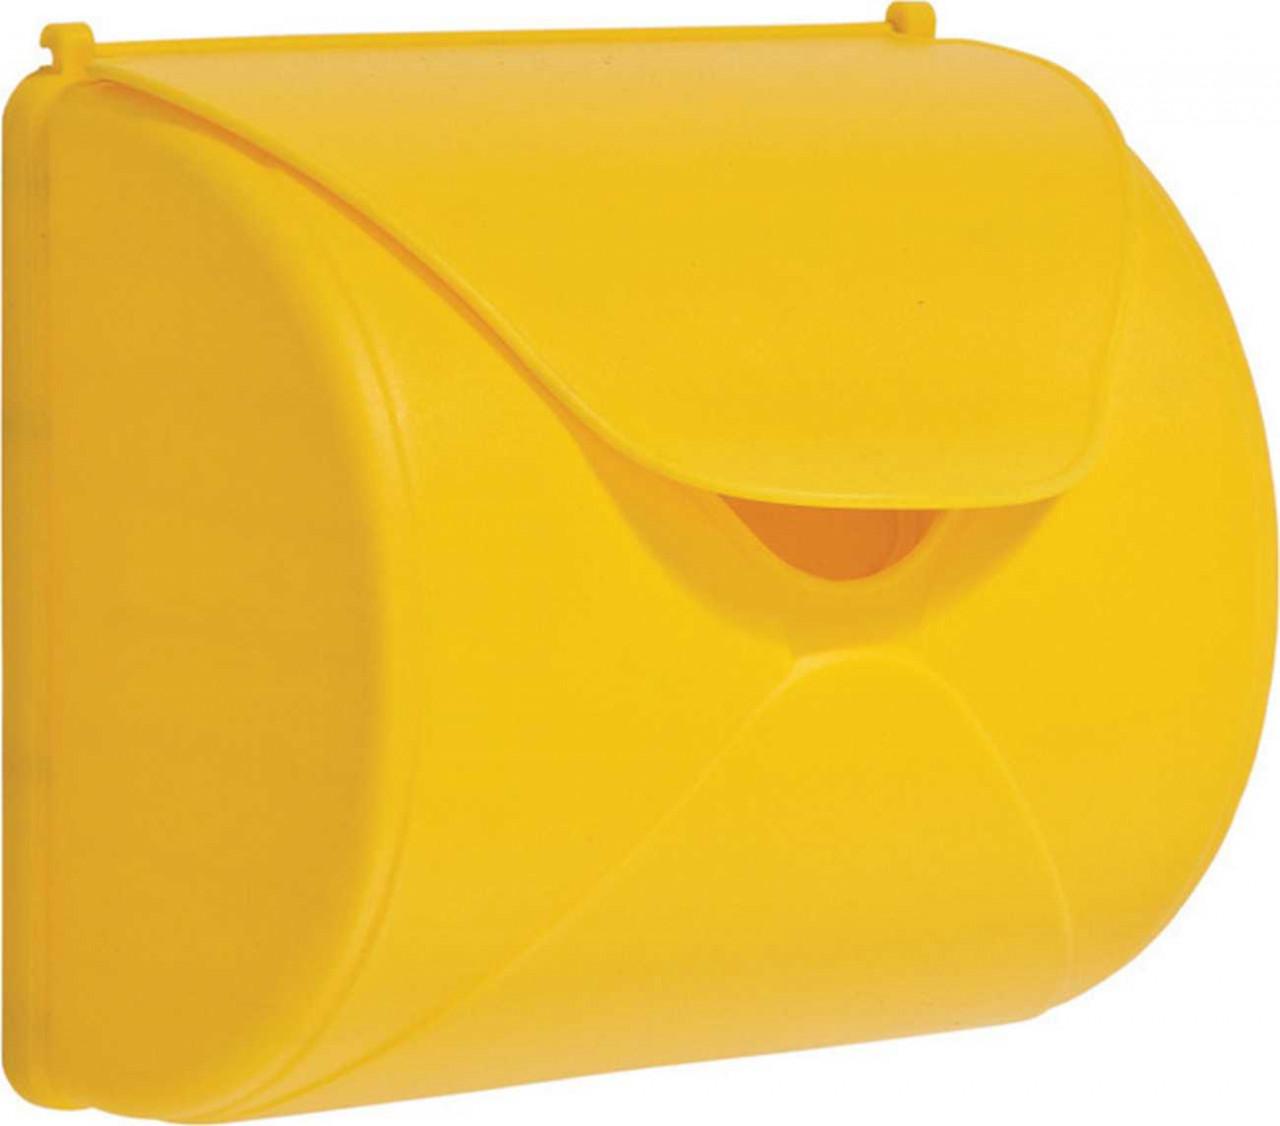 Kinder Briefkasten für Spielturm, gelb